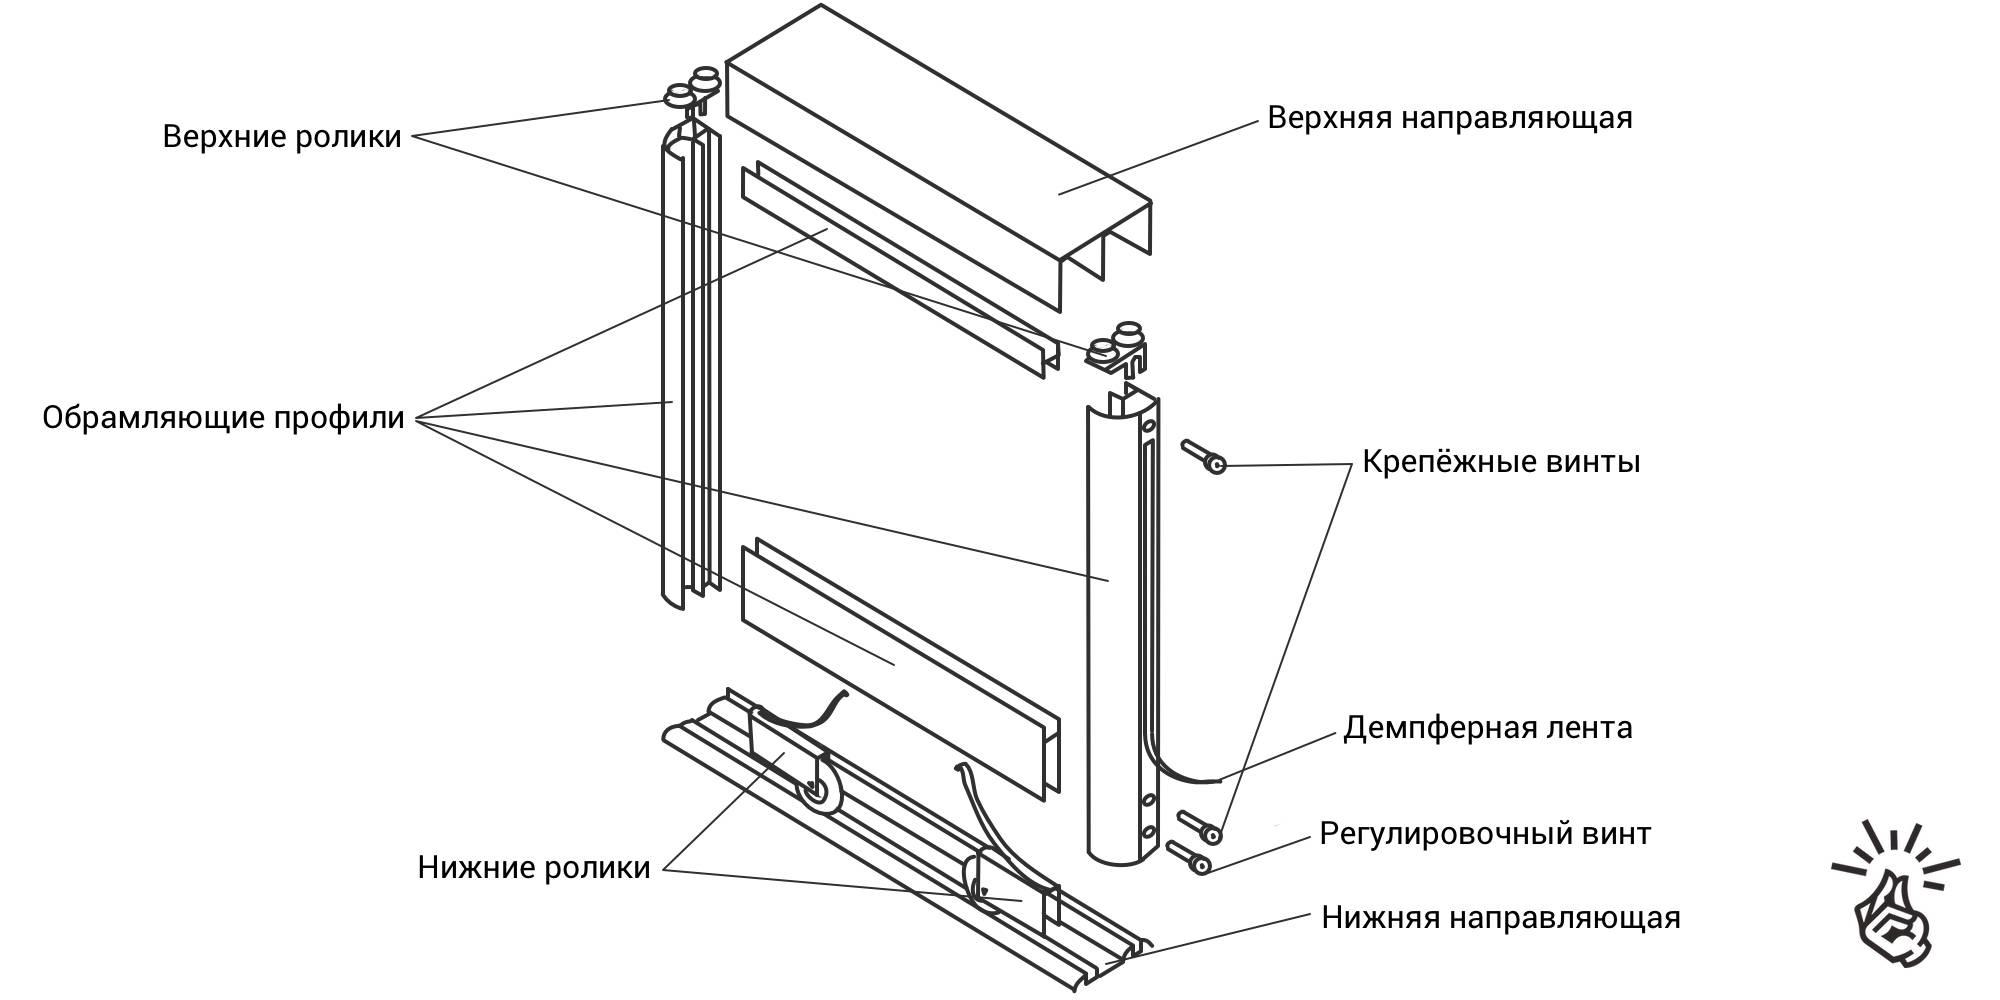 Экран под ванну с полками для хранения бытовой химии: откидная конструкция с полочкой и полукруглая панель под ванну с дверцами